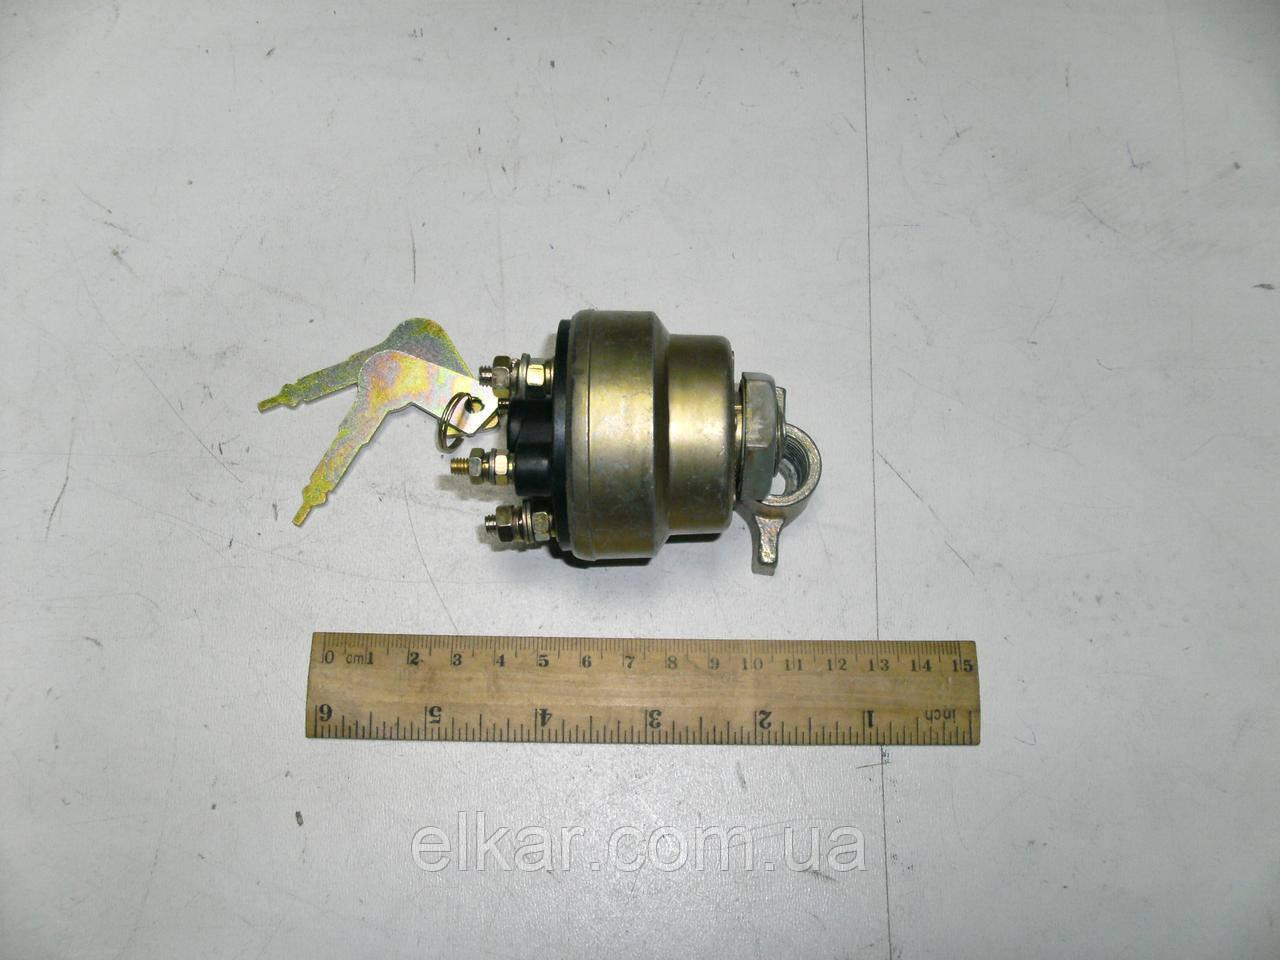 Замок запалювання ВК316-3704000-00 з комірчиком 2 контакту